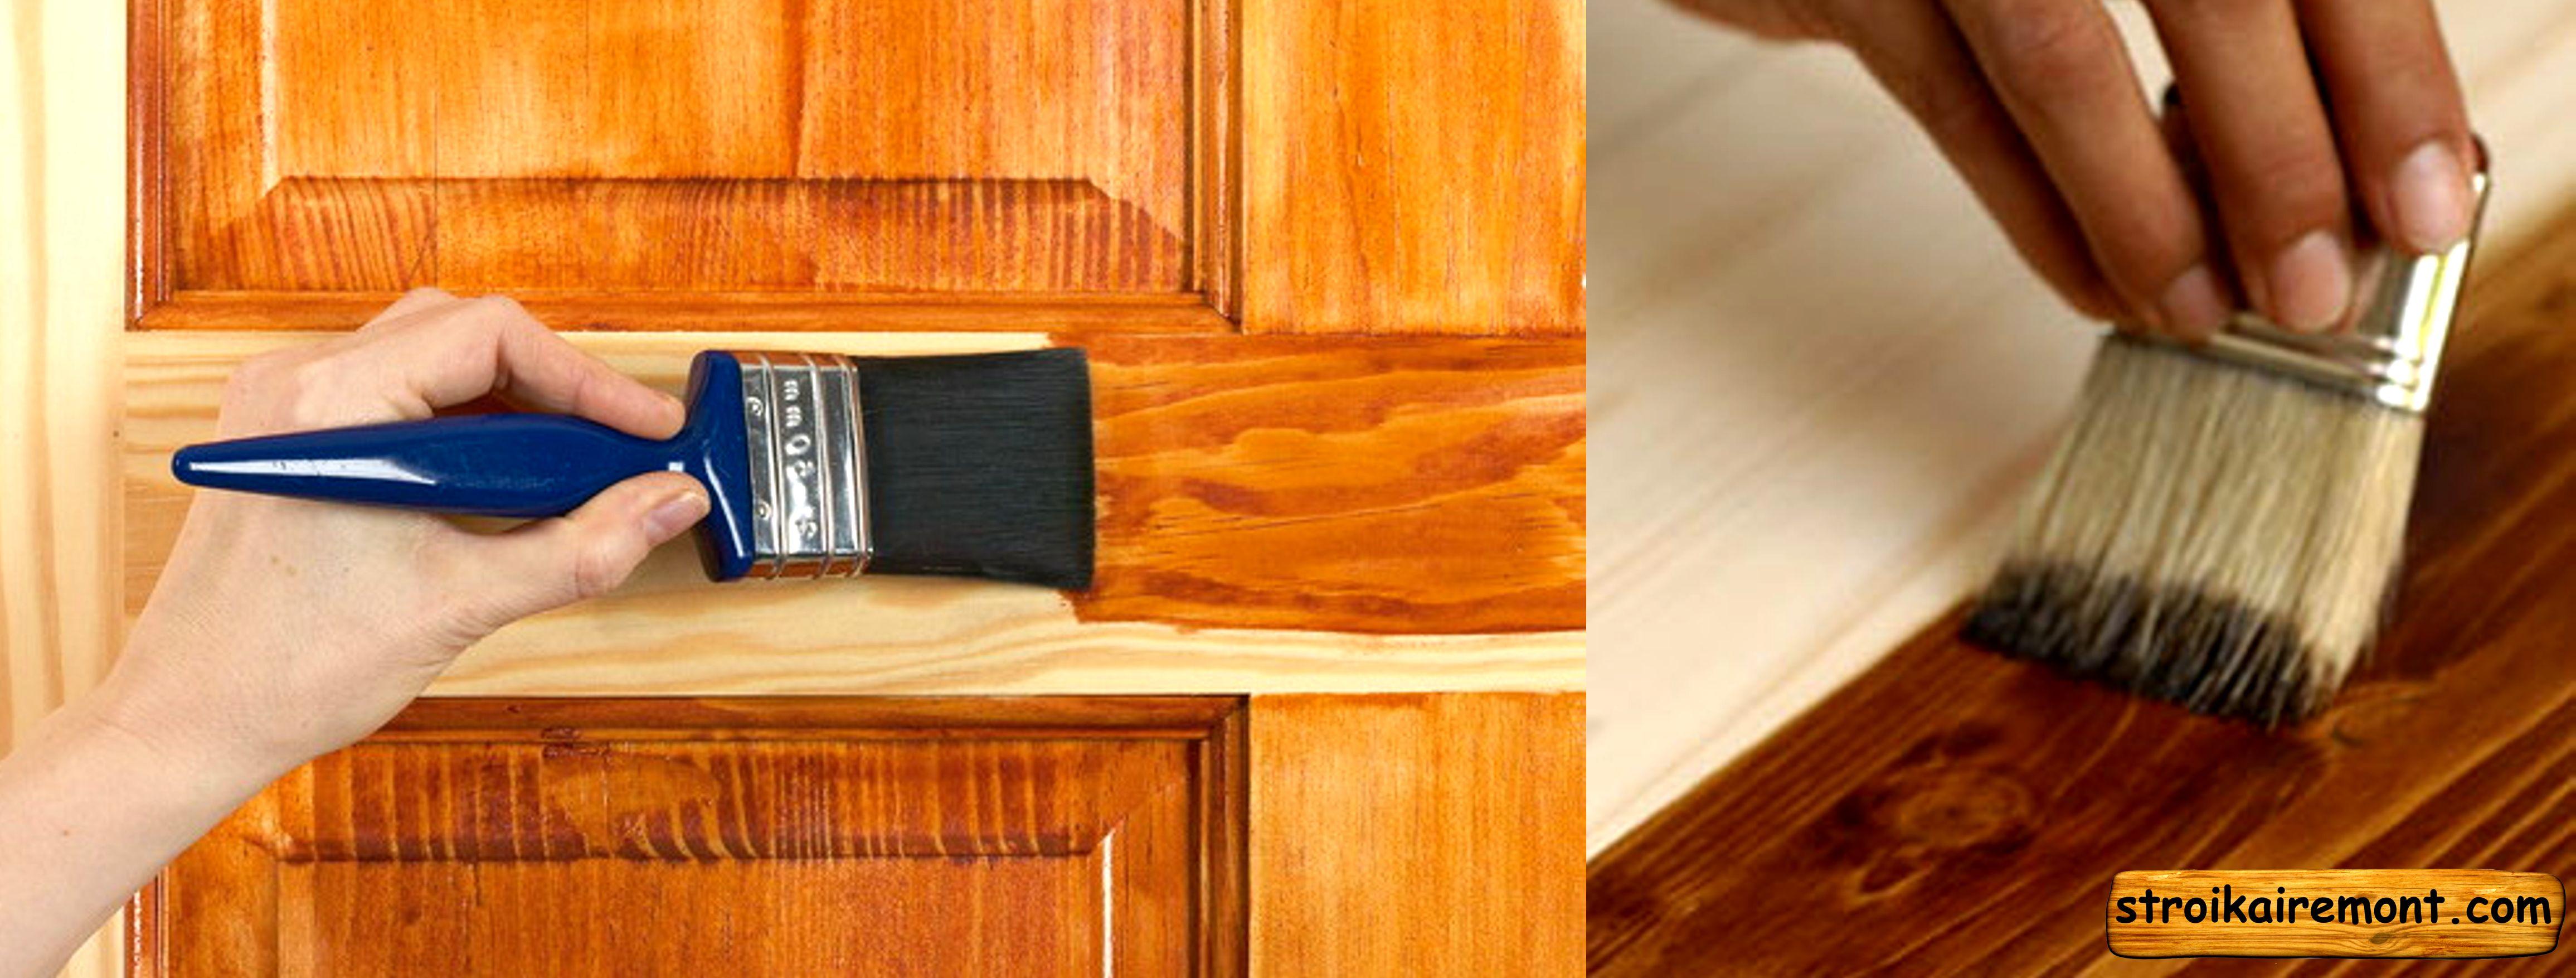 Деревянные стеновые панели для облицовки квартиры.